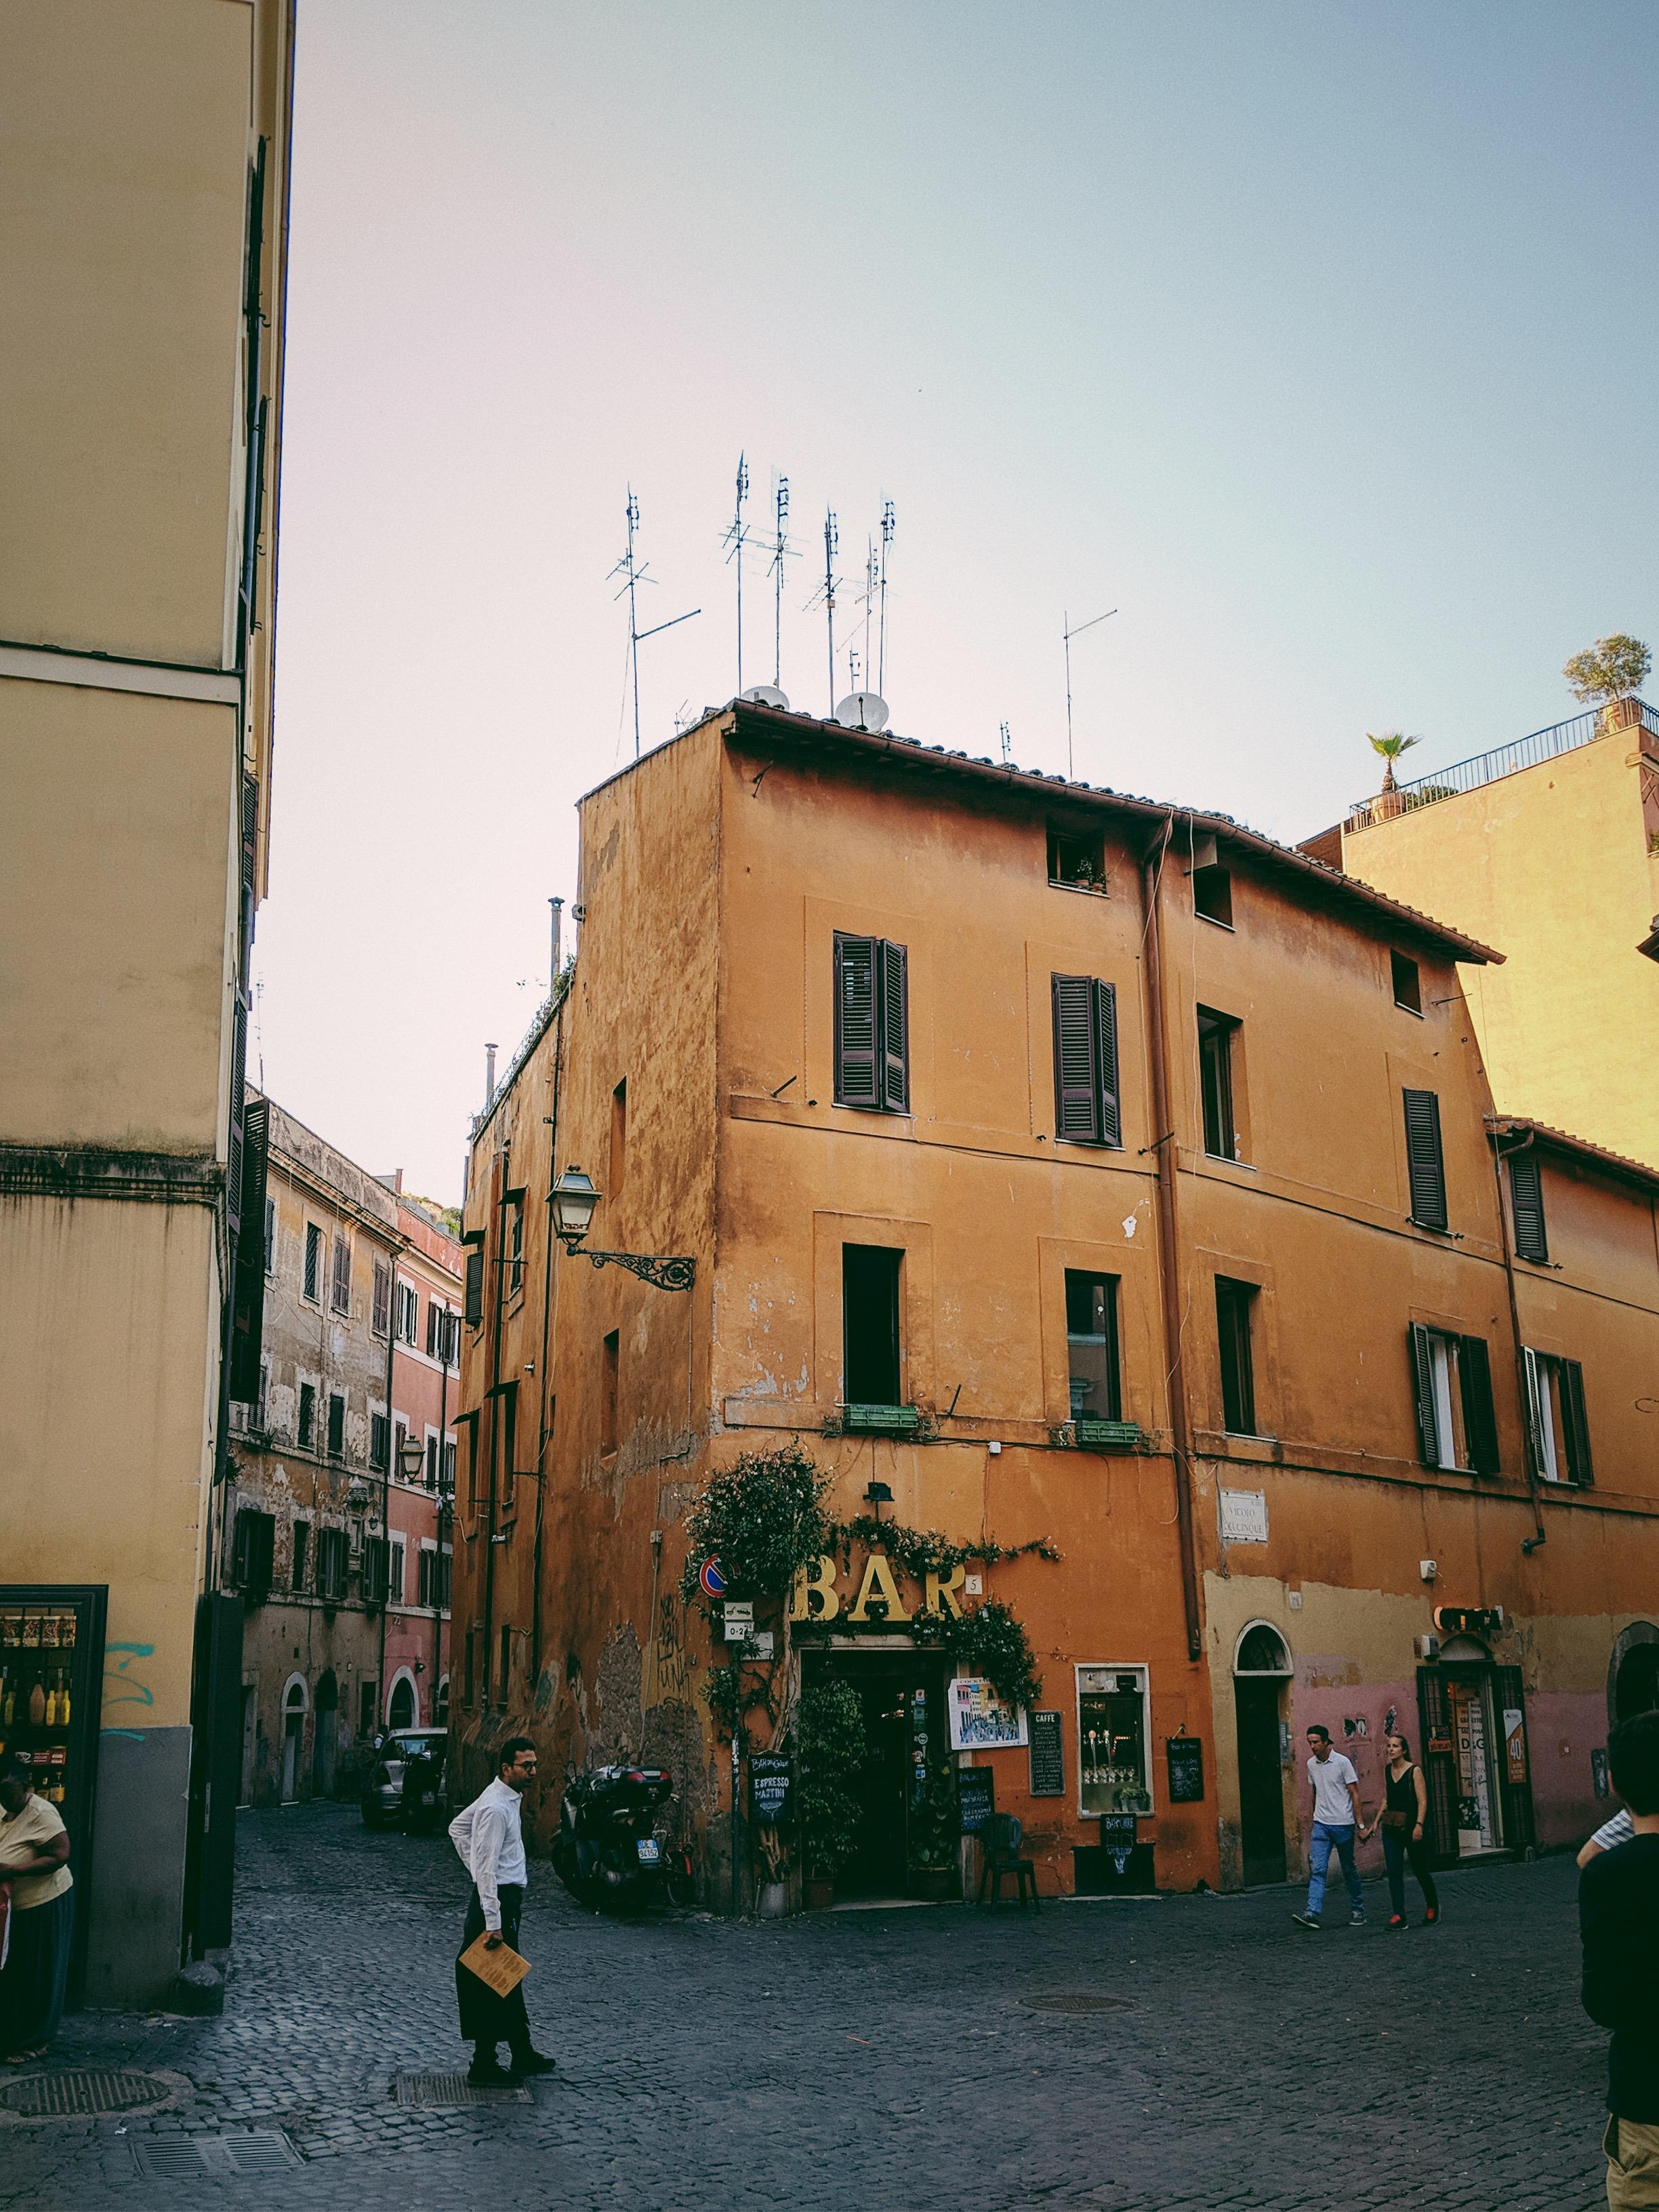 The Trastevere Neighborhood in Rome | Italy Travel Diary + Vlog Part 1